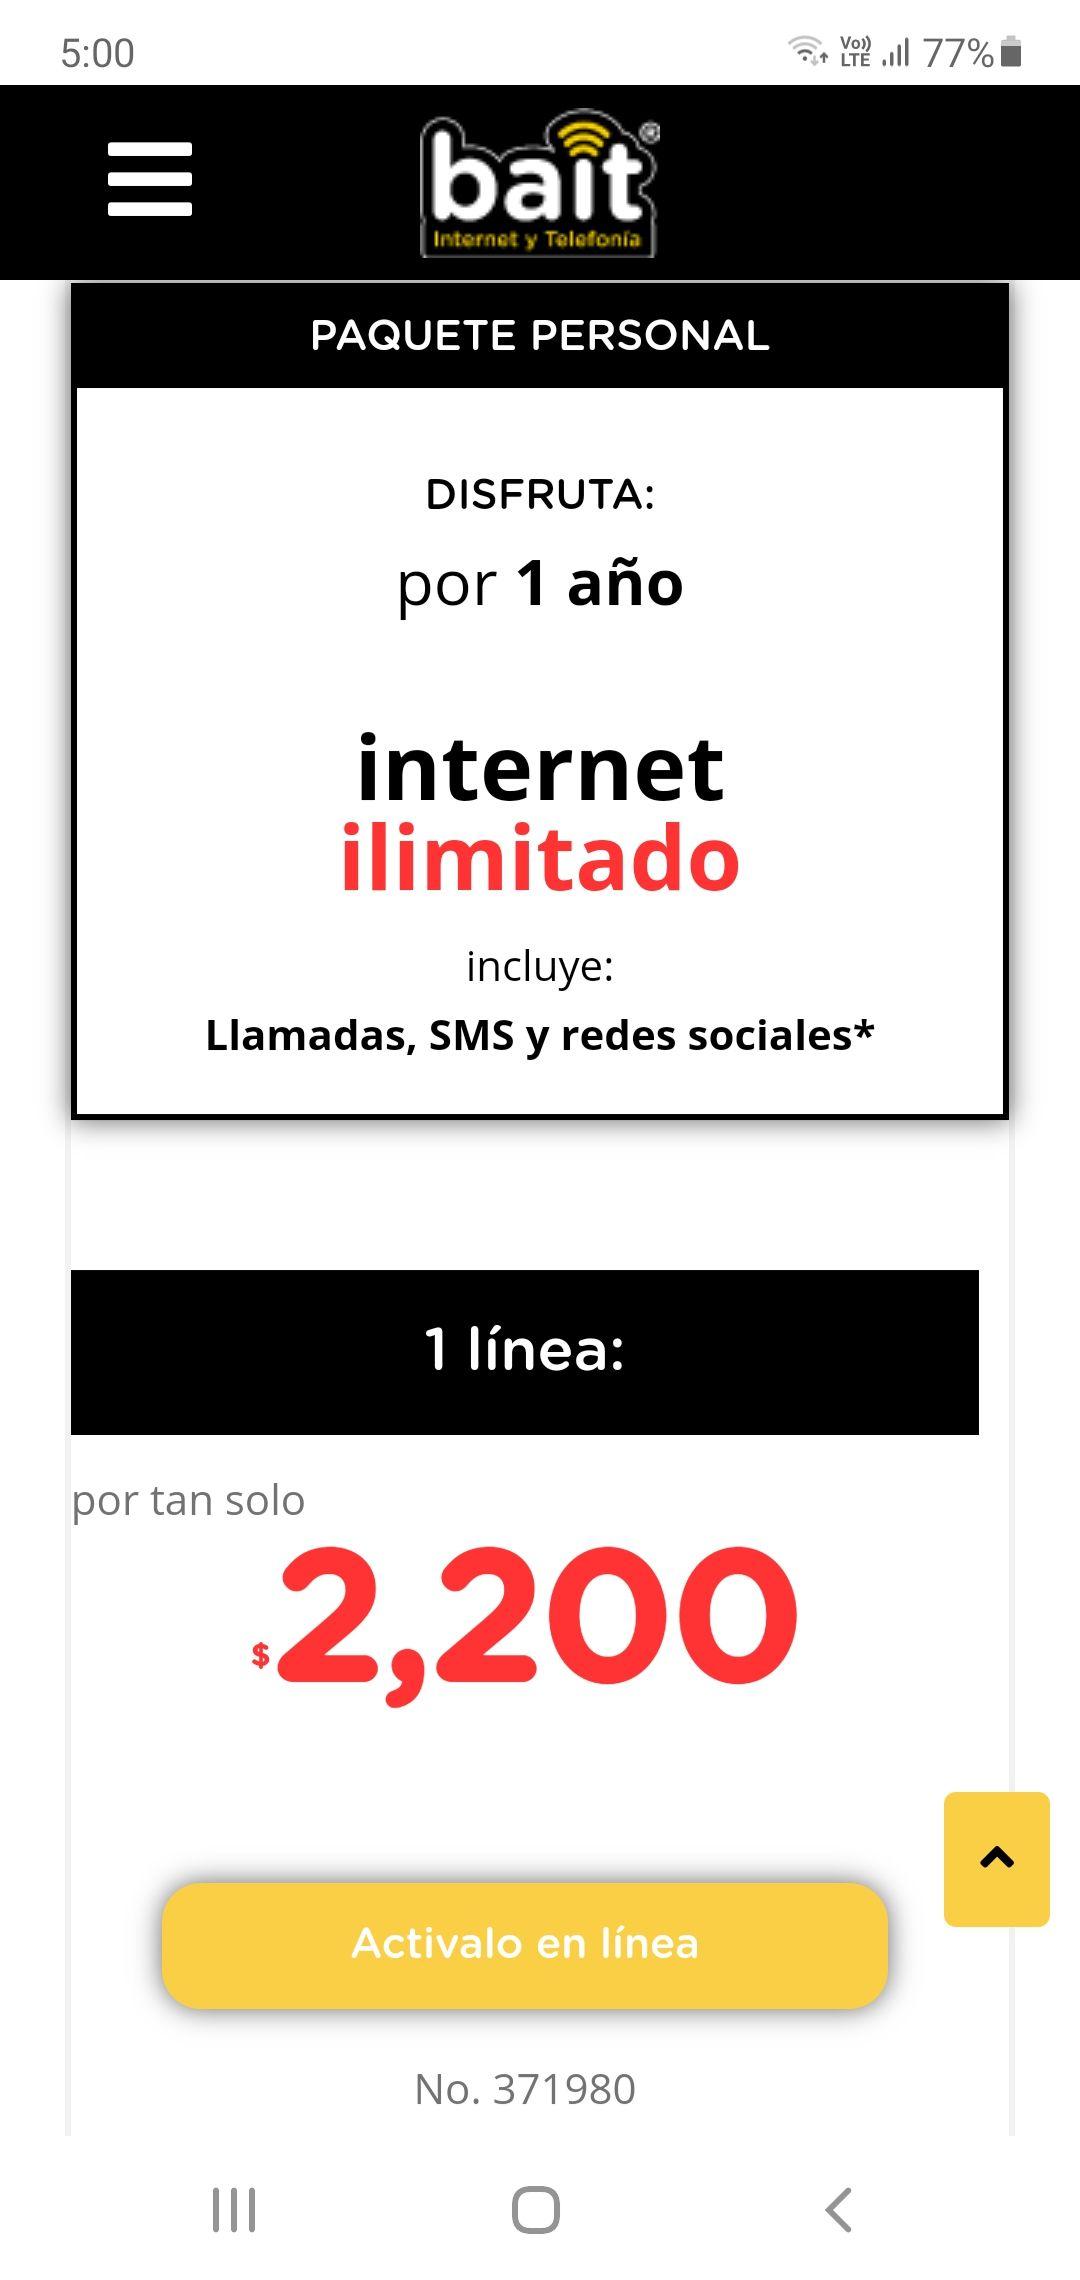 BAIT INTERNET ILIMITADO X 1 AÑO